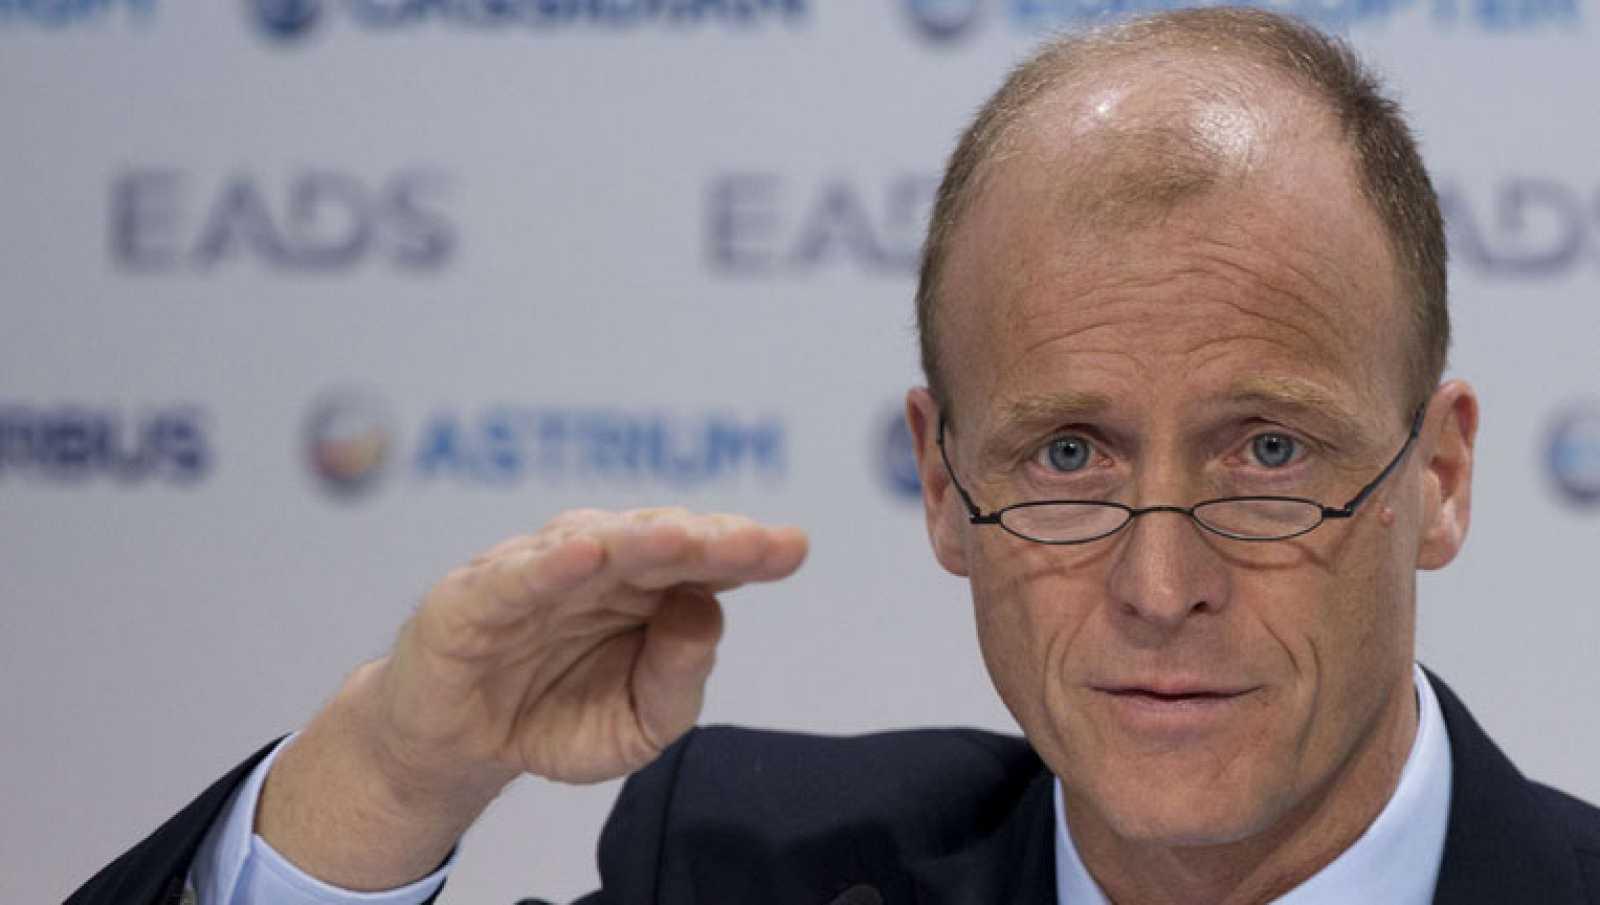 EADS suprimirá 5.800 puestos de trabajo, 600 en España